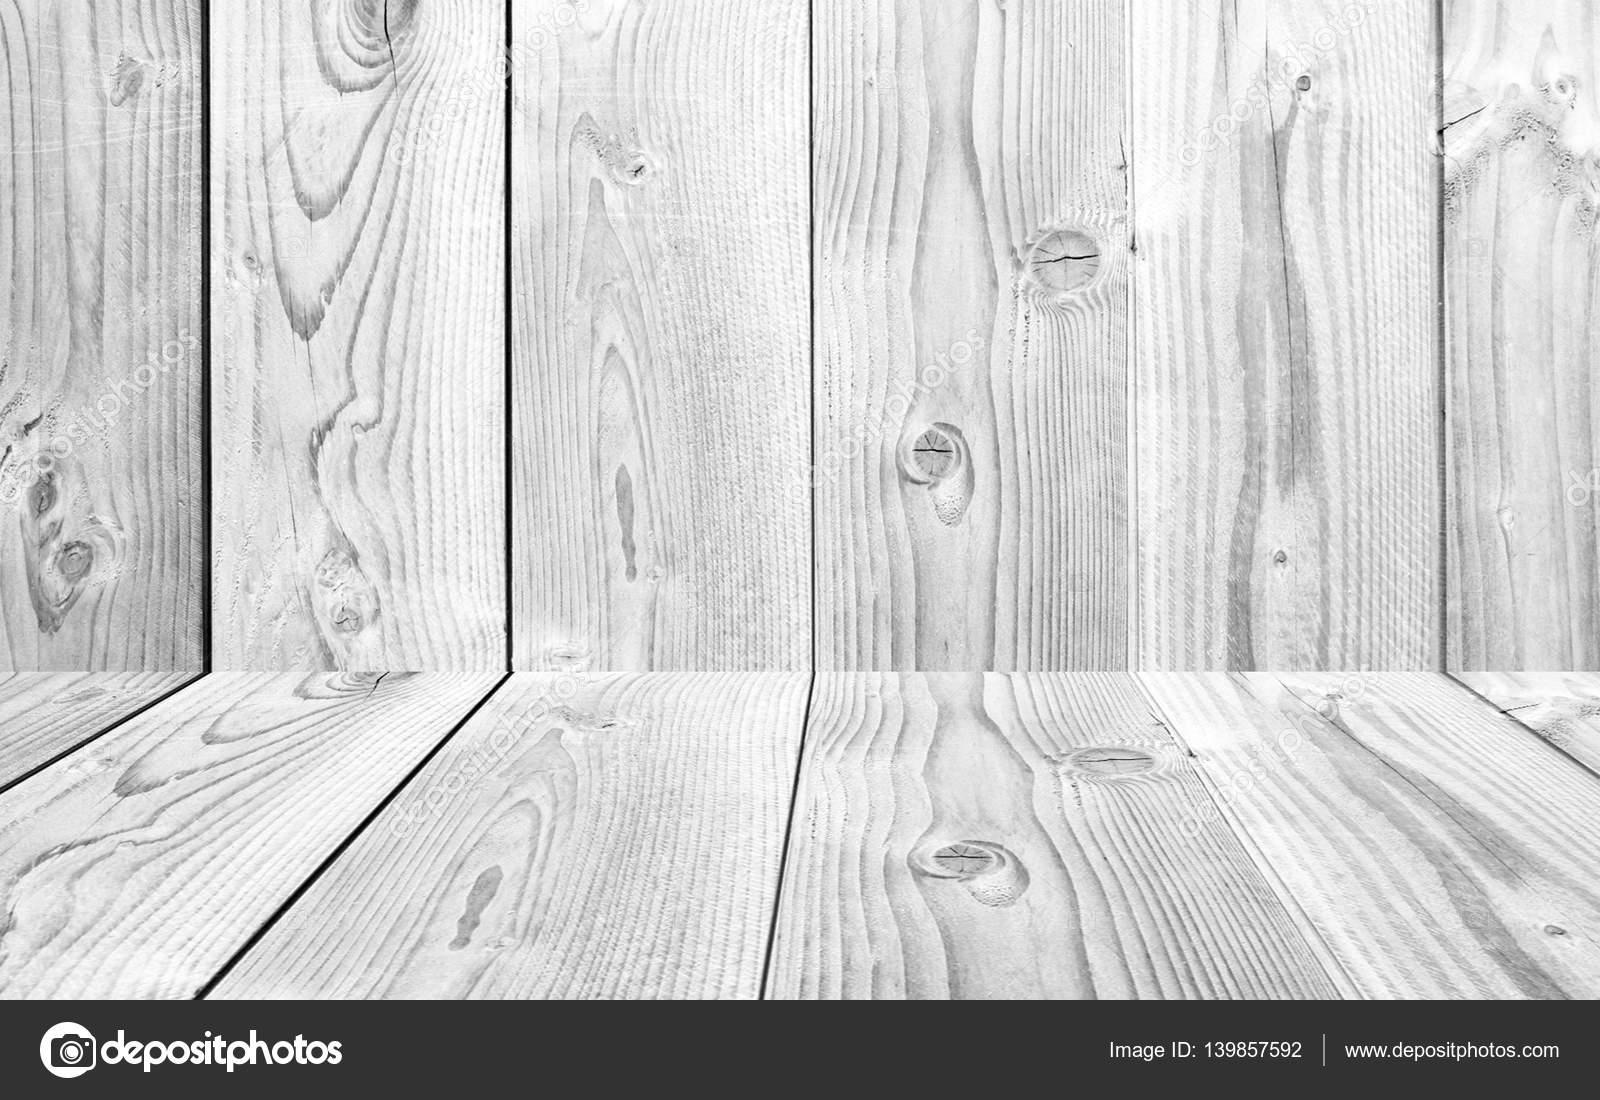 Pareti In Legno Bianco : Tappezzeria di texture di parete in legno bianco u foto stock